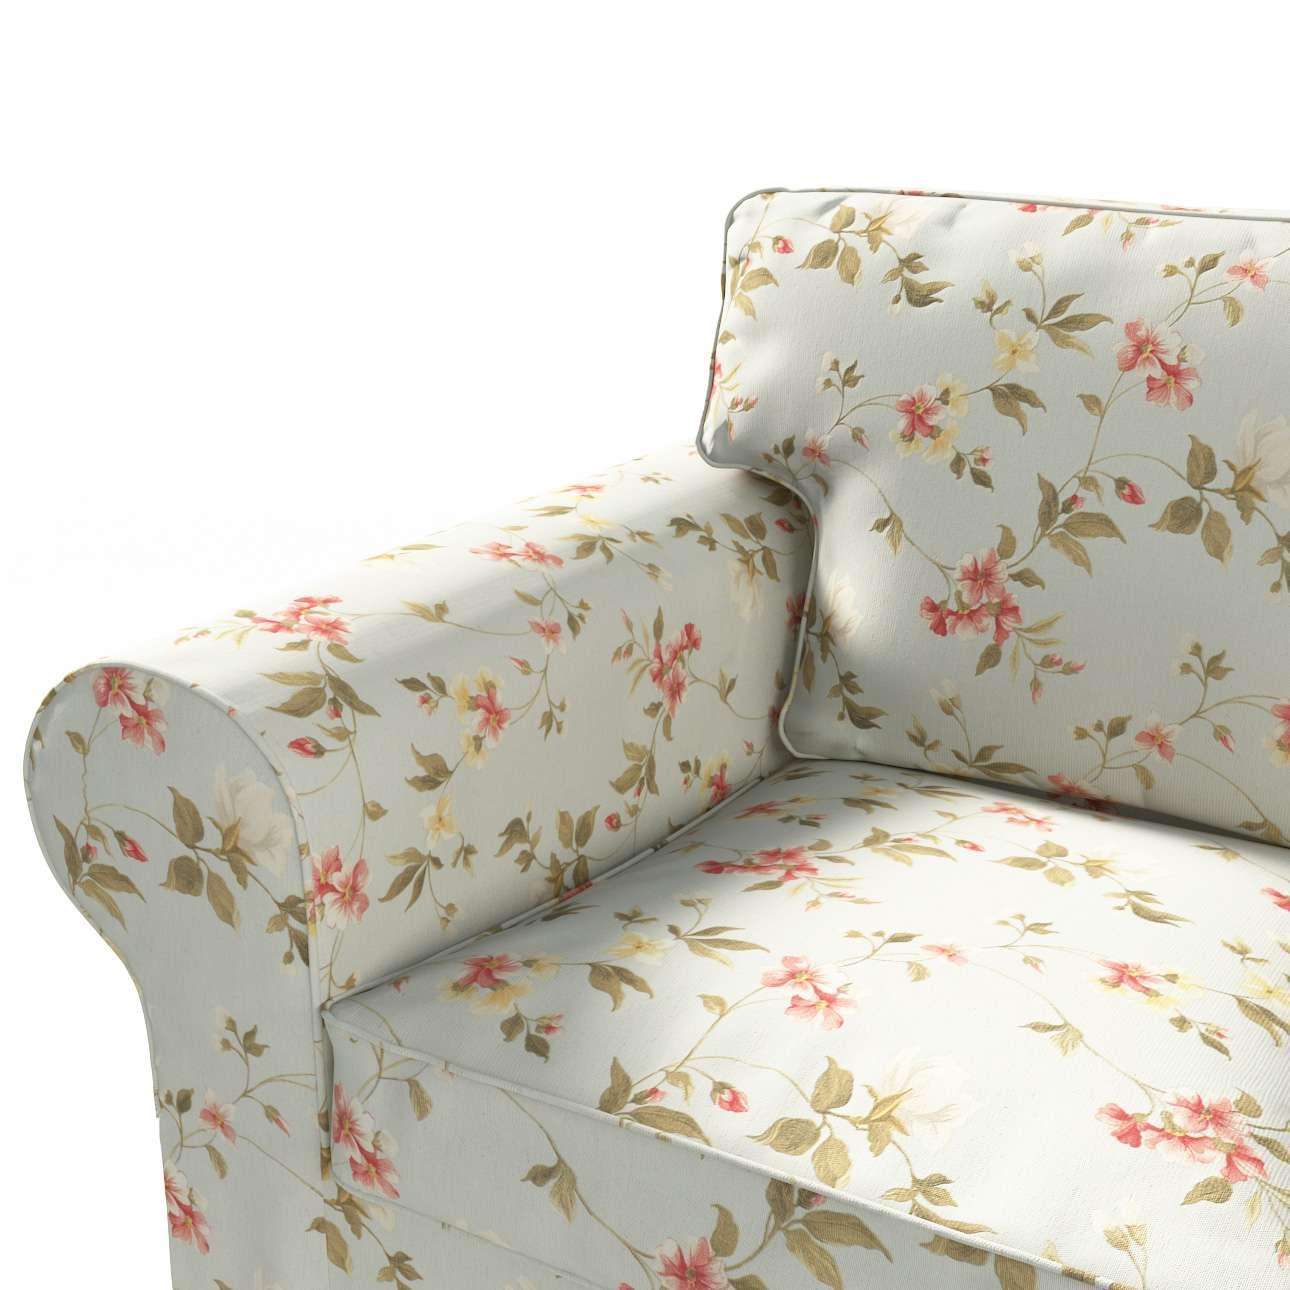 Ektorp trivietės sofos-lovos užvalkalas Ektorp trivietė sofa-lova kolekcijoje Londres, audinys: 124-65